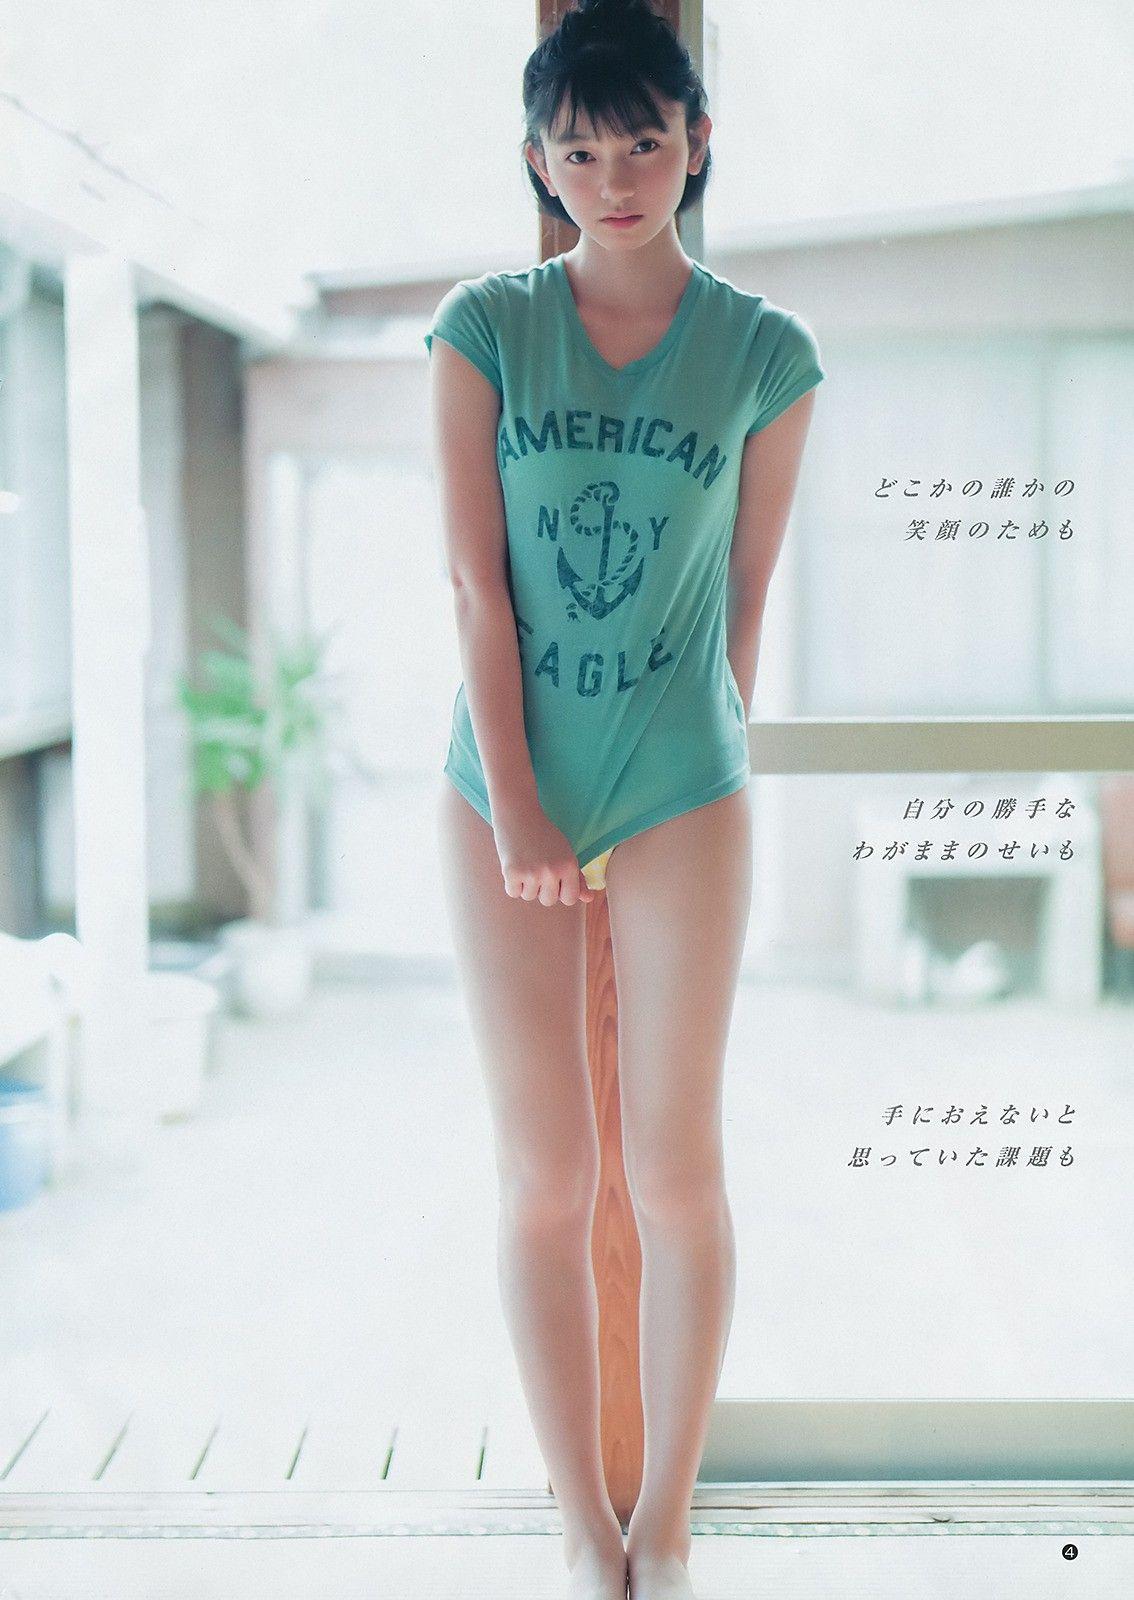 熊澤風花さんの水着